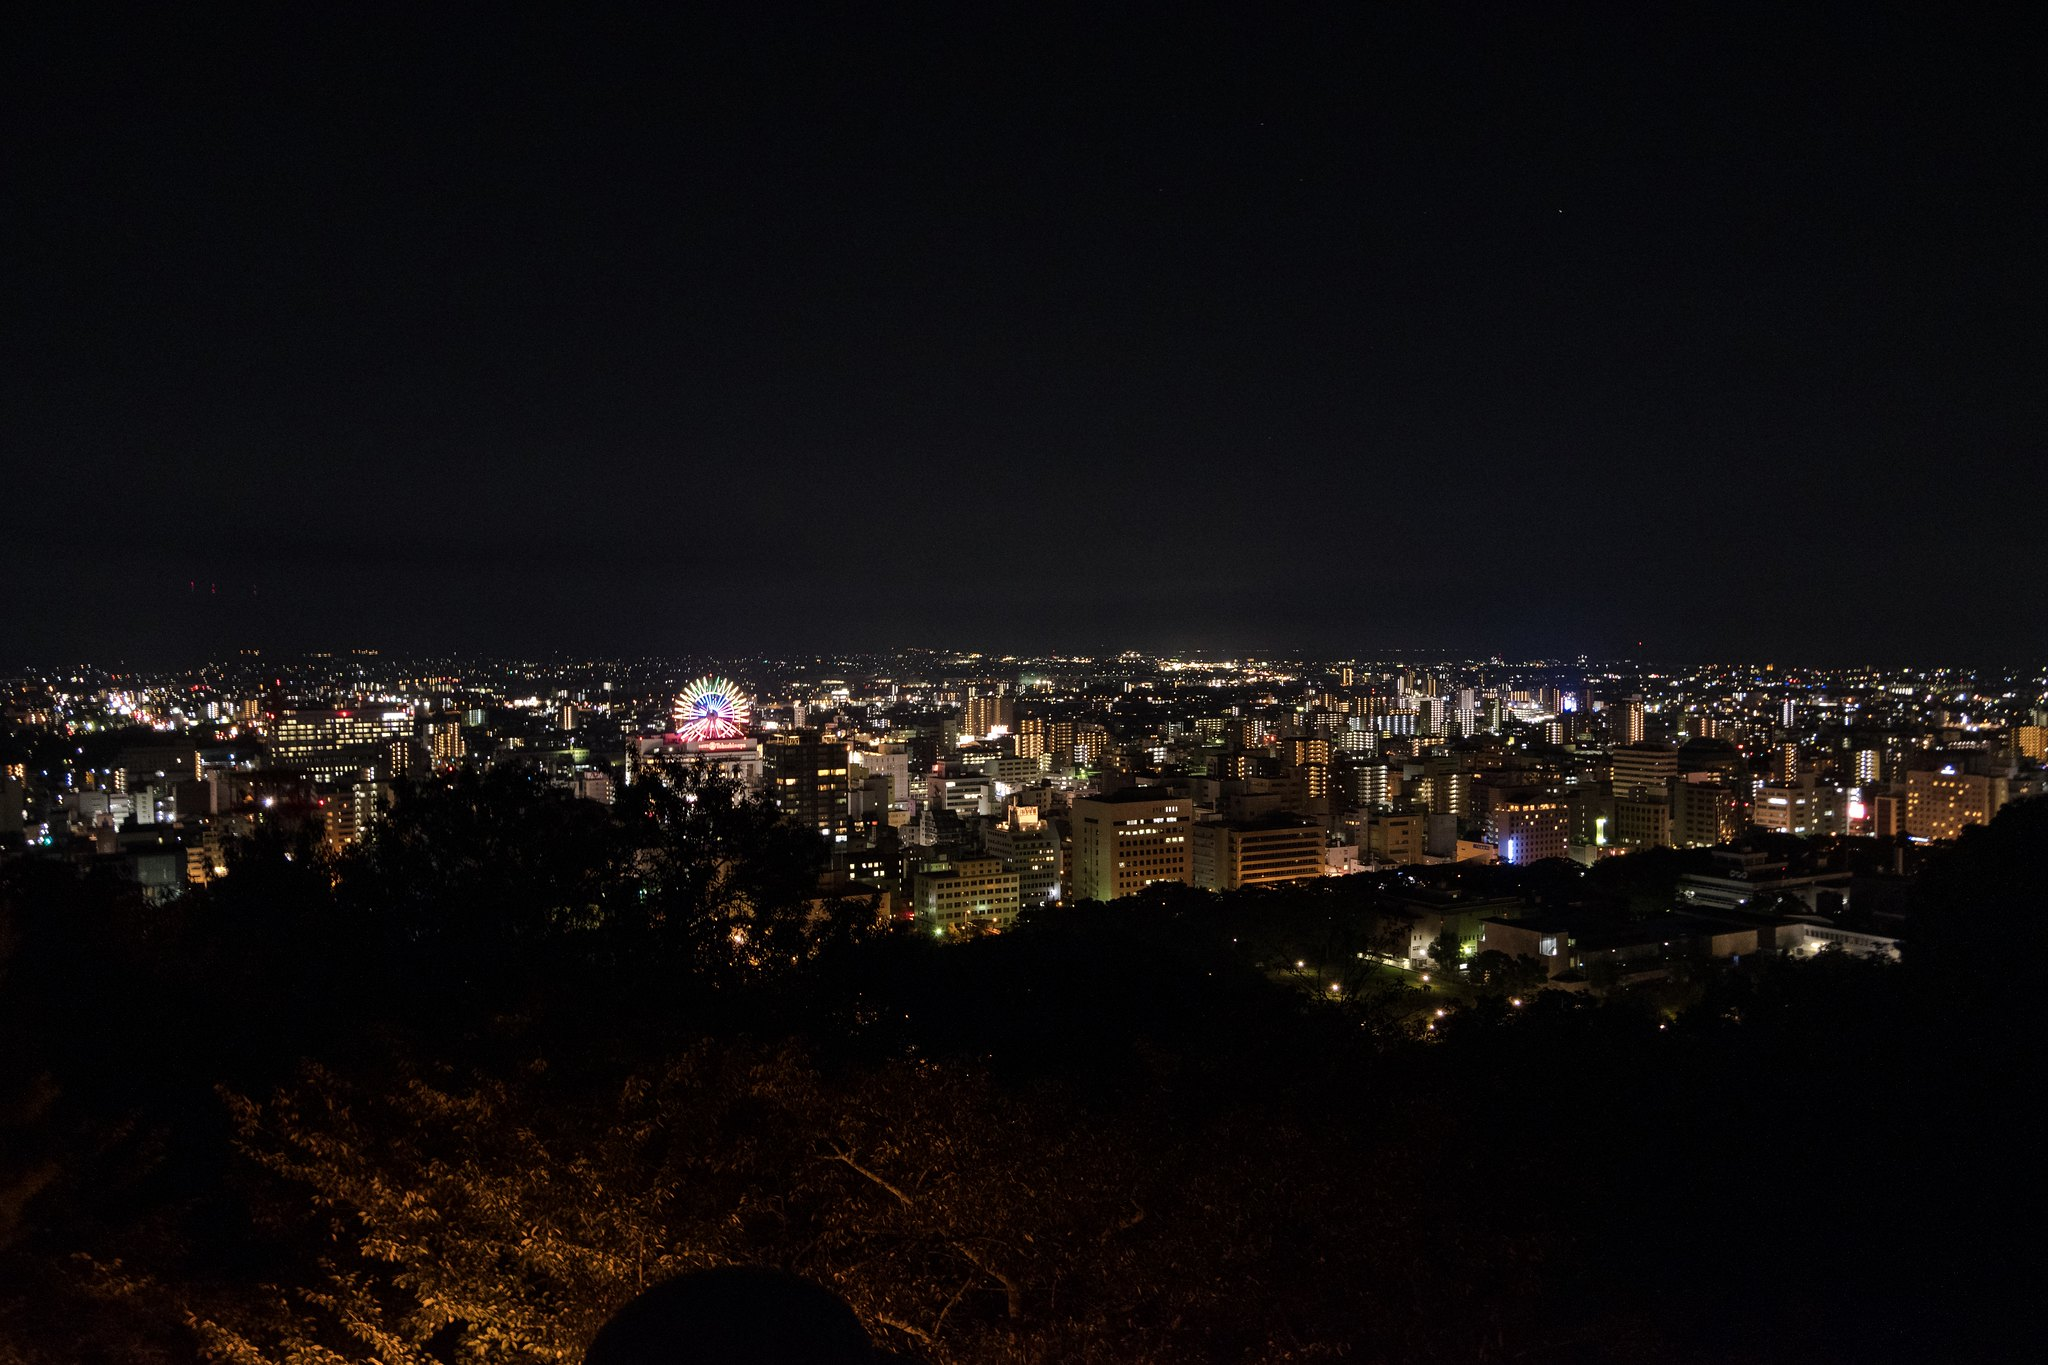 Night View of Matsuyama